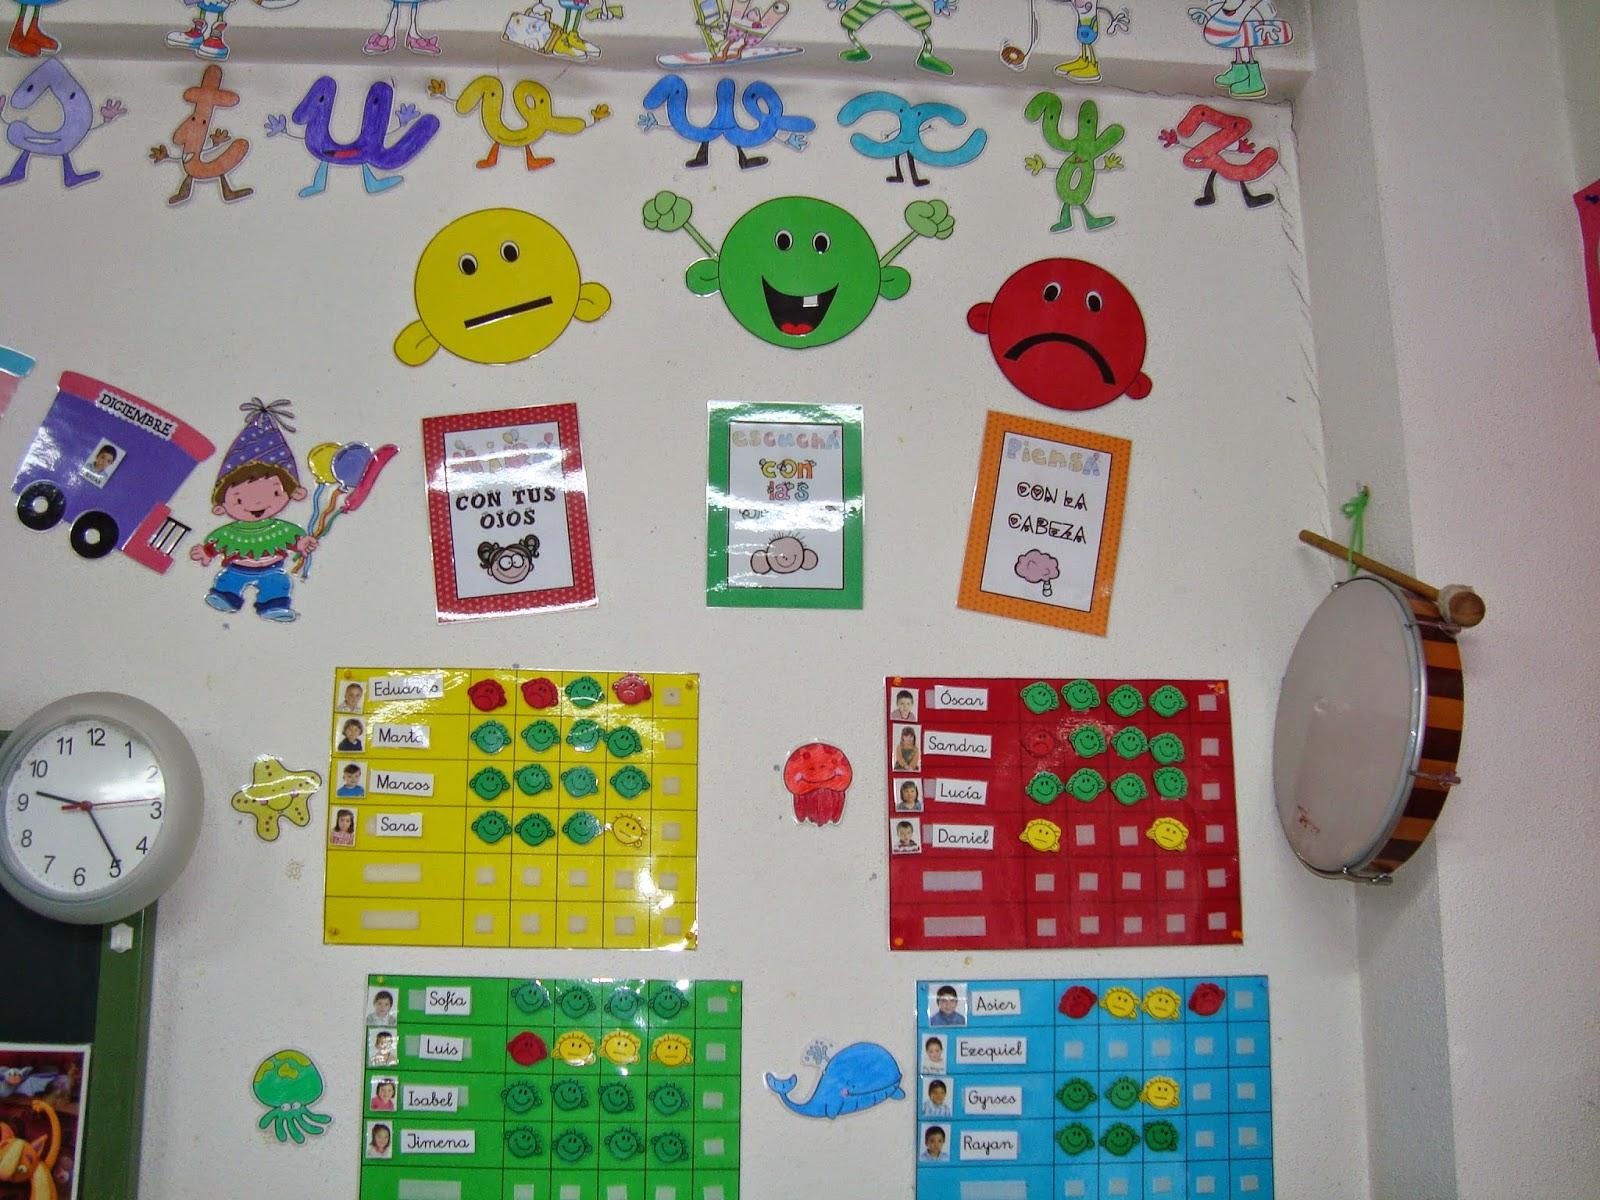 Plastificando ilusiones las decoraciones del aula for Decoracion de aula para navidad